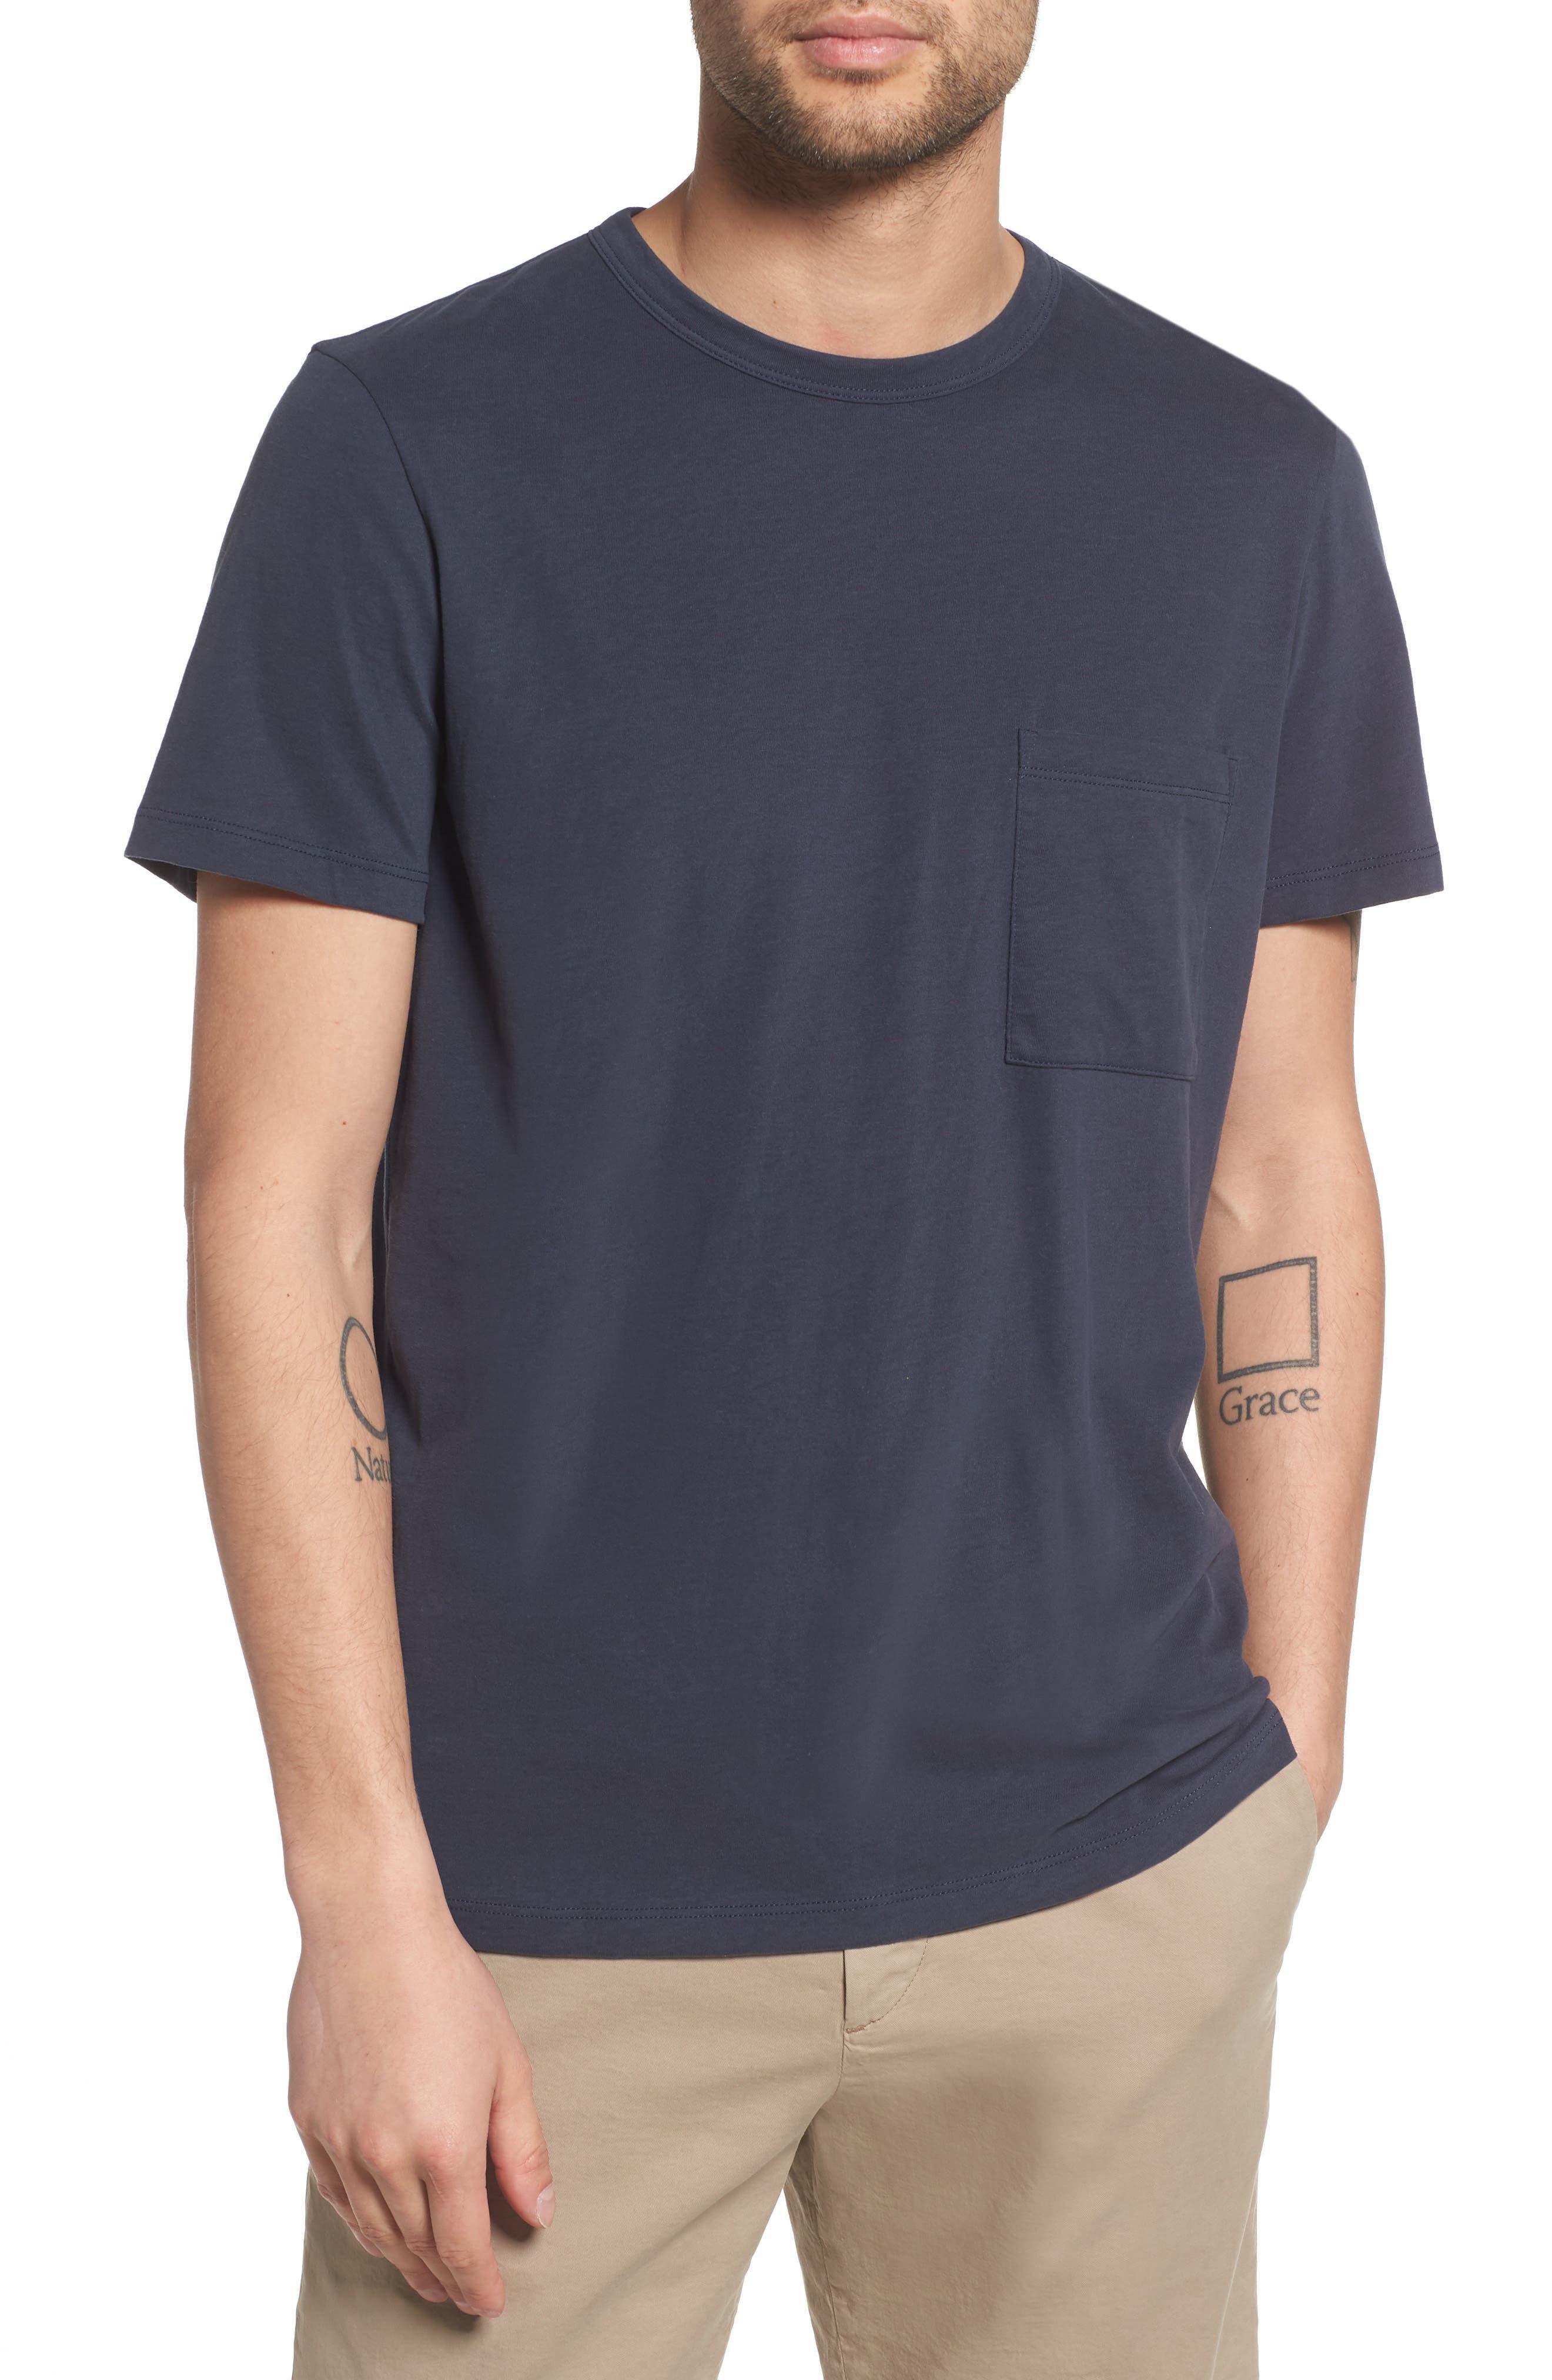 Theory Essential Pocket T-Shirt